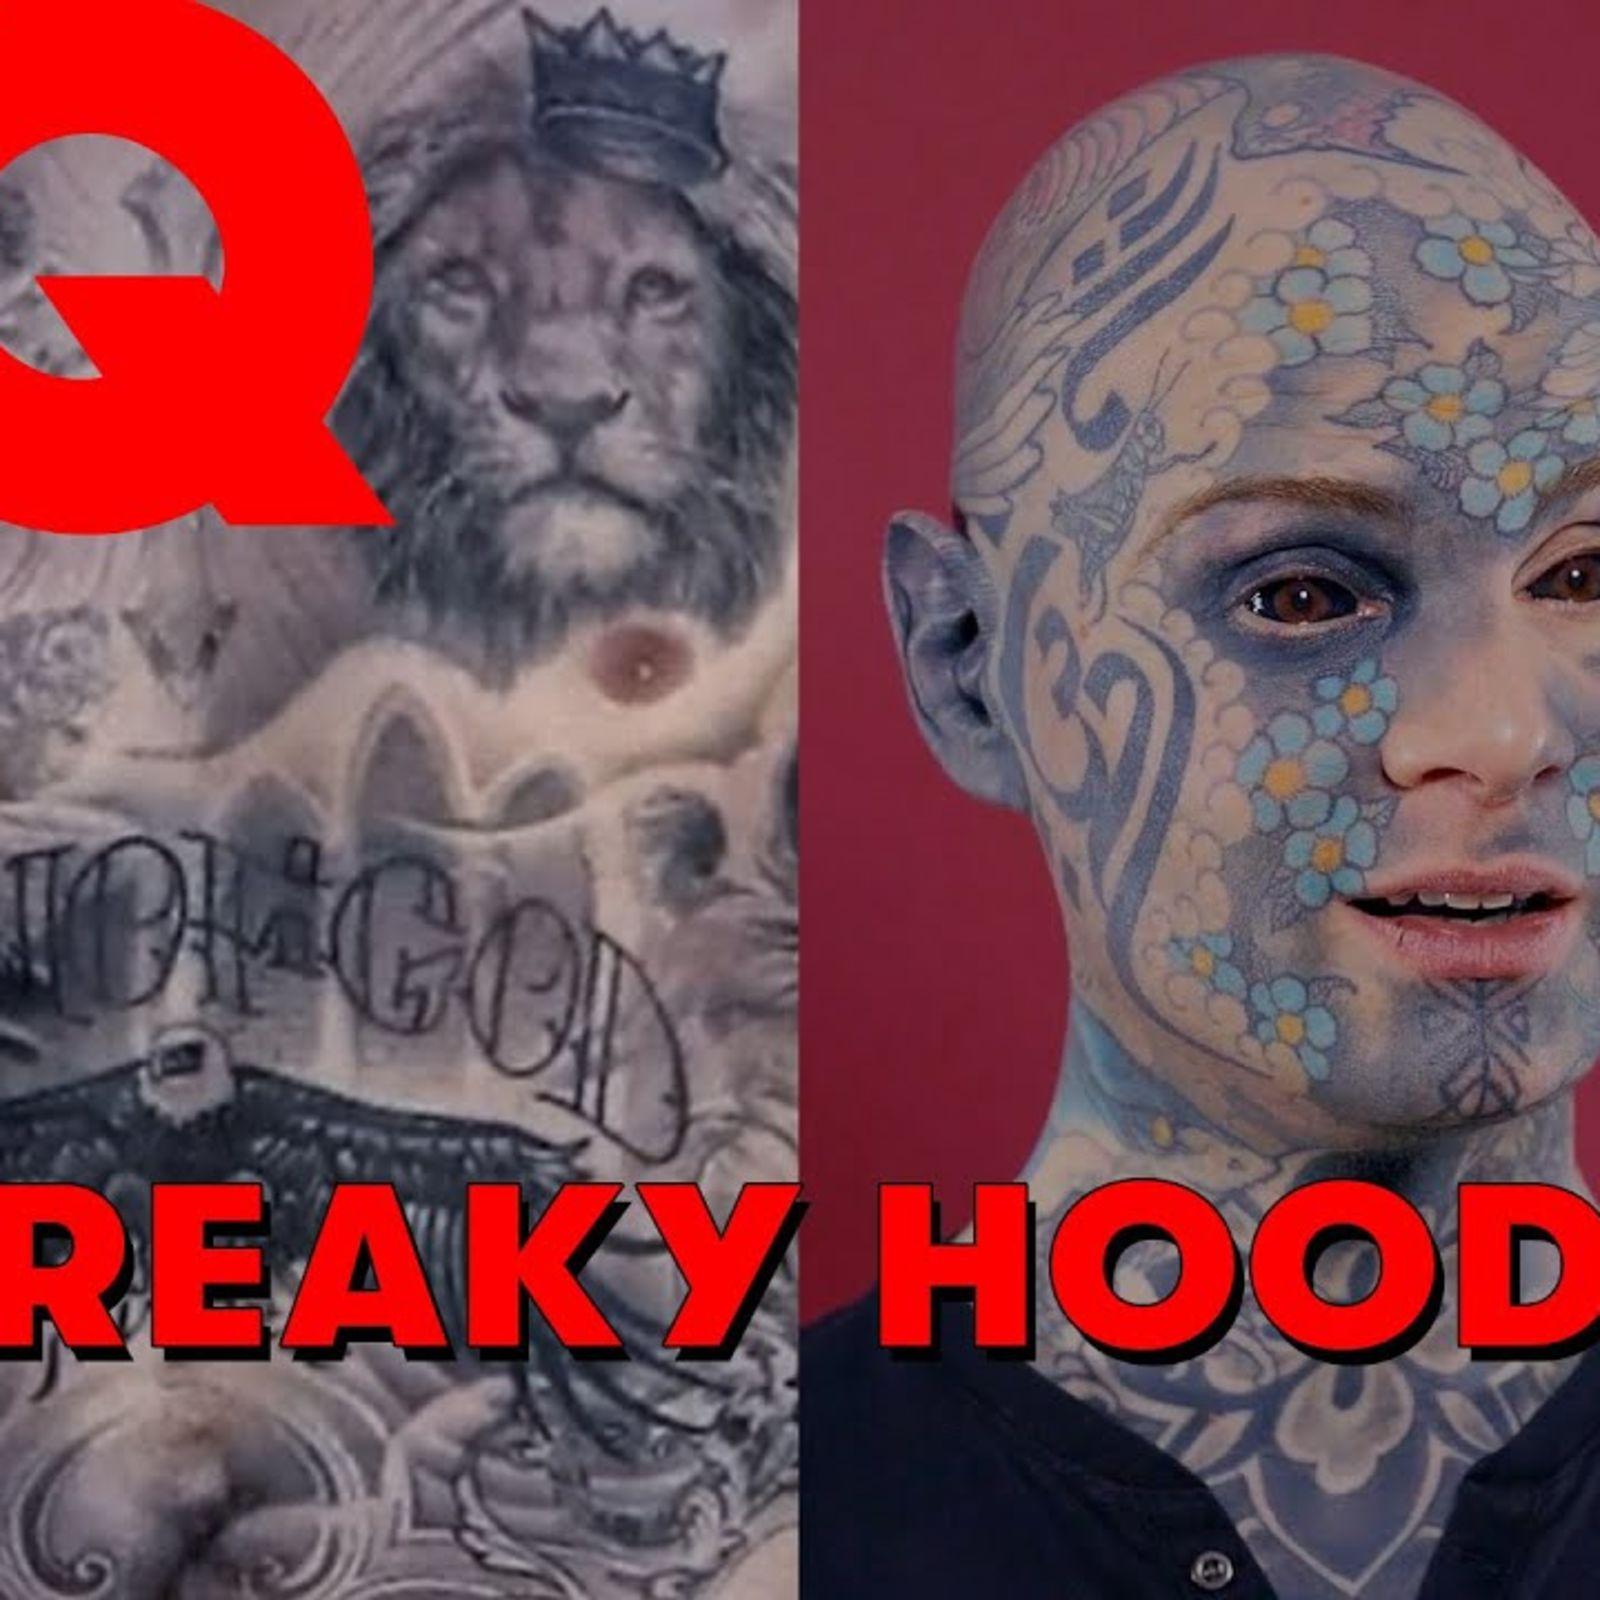 Freaky Hoody juge les tatouages des stars (Angelina Jolie, M. Pokora, Wiz Khalifa…)